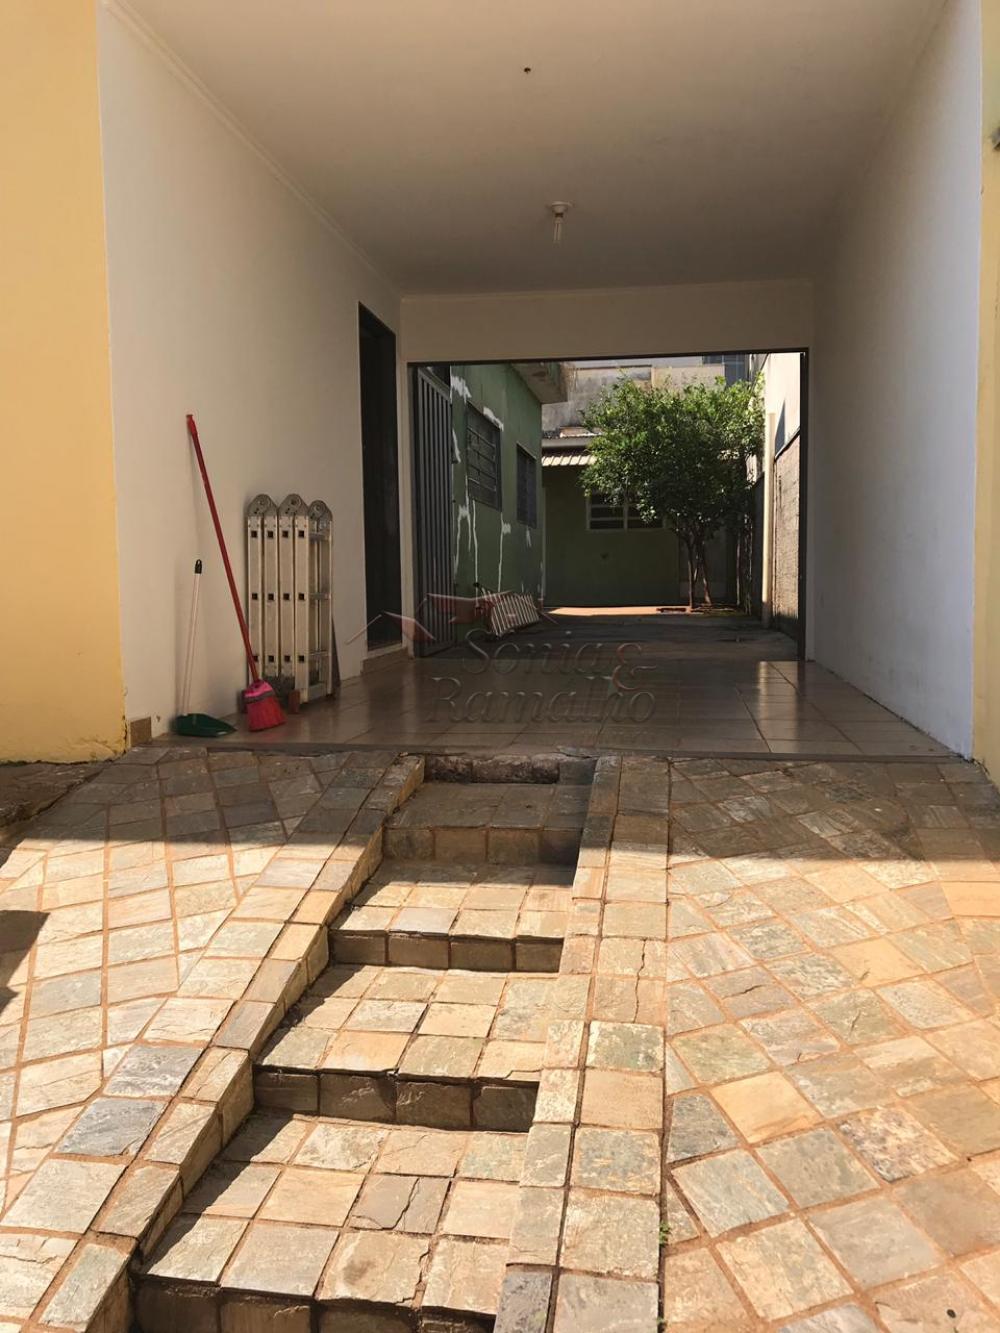 Comprar Casas / Padrão em Ribeirão Preto apenas R$ 340.000,00 - Foto 1